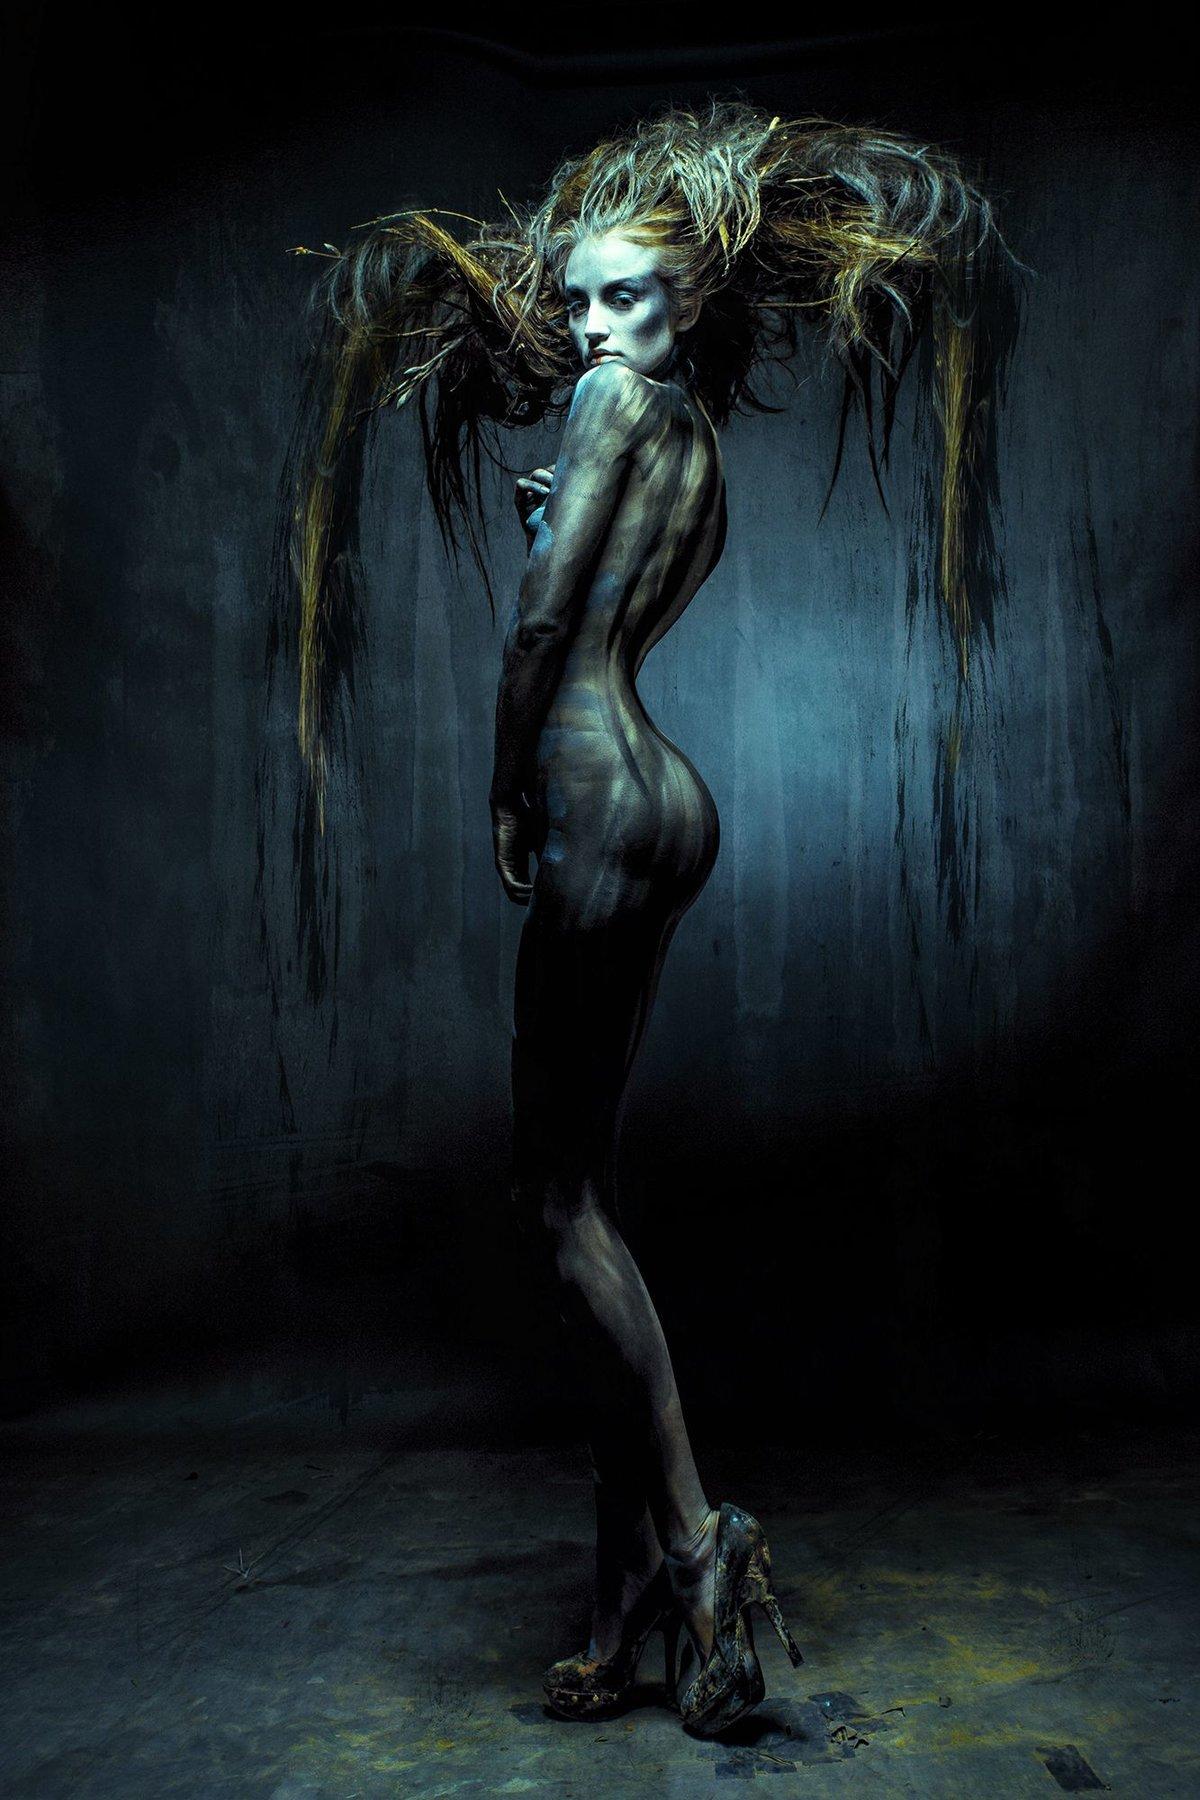 Evil woman nude #6